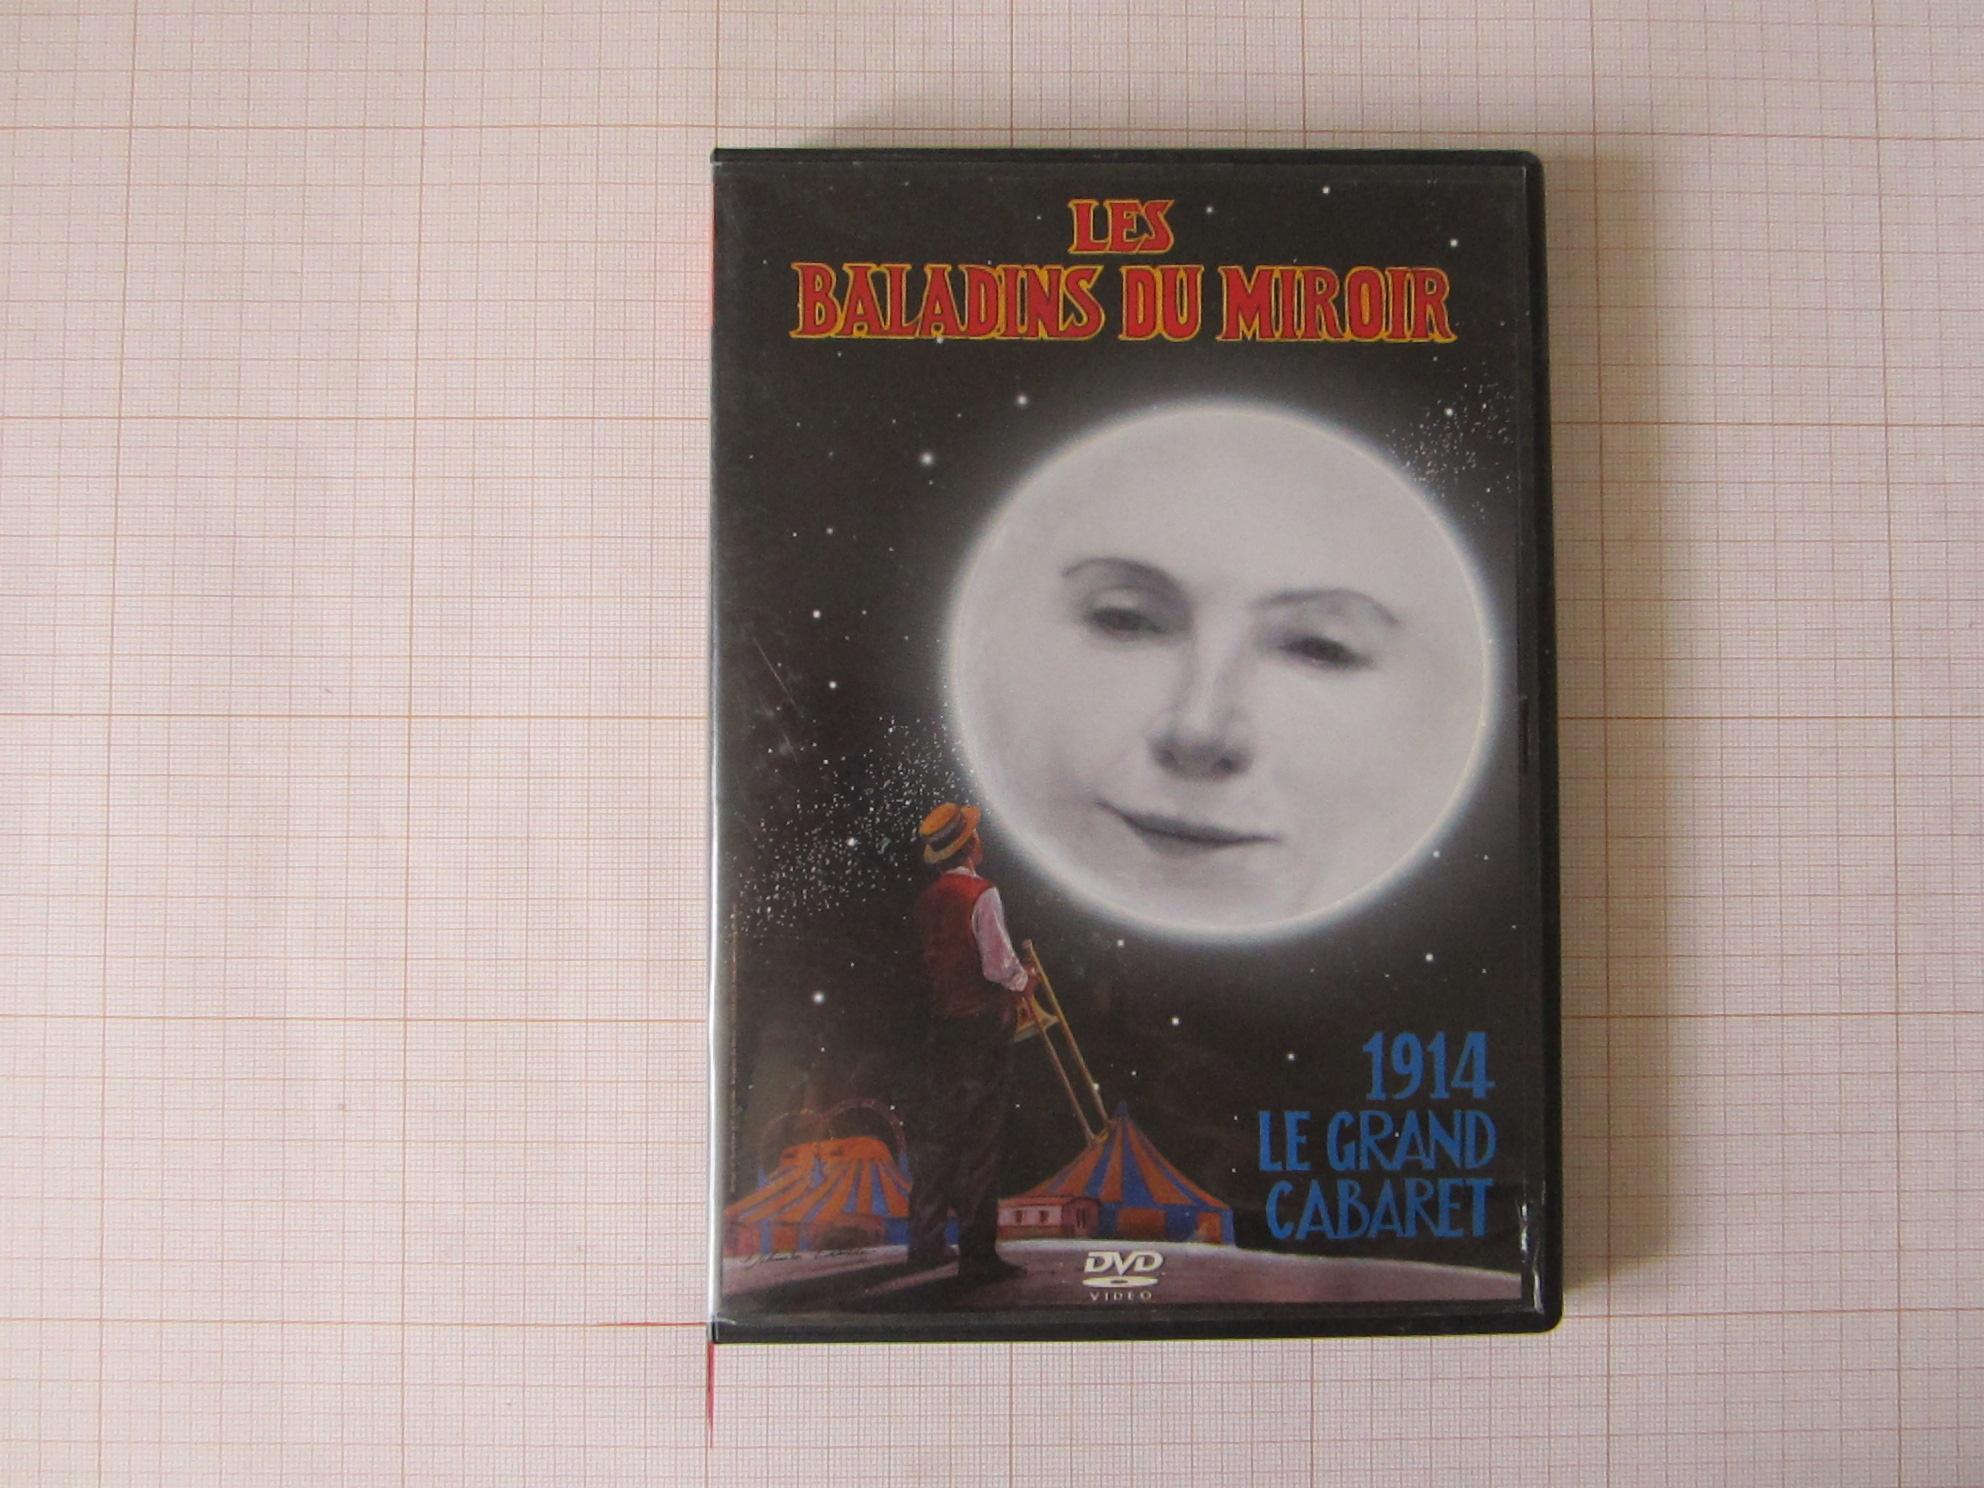 1914: Le Grand cabaret, Les Baladins du Miroir © Maison Autrique, 2006